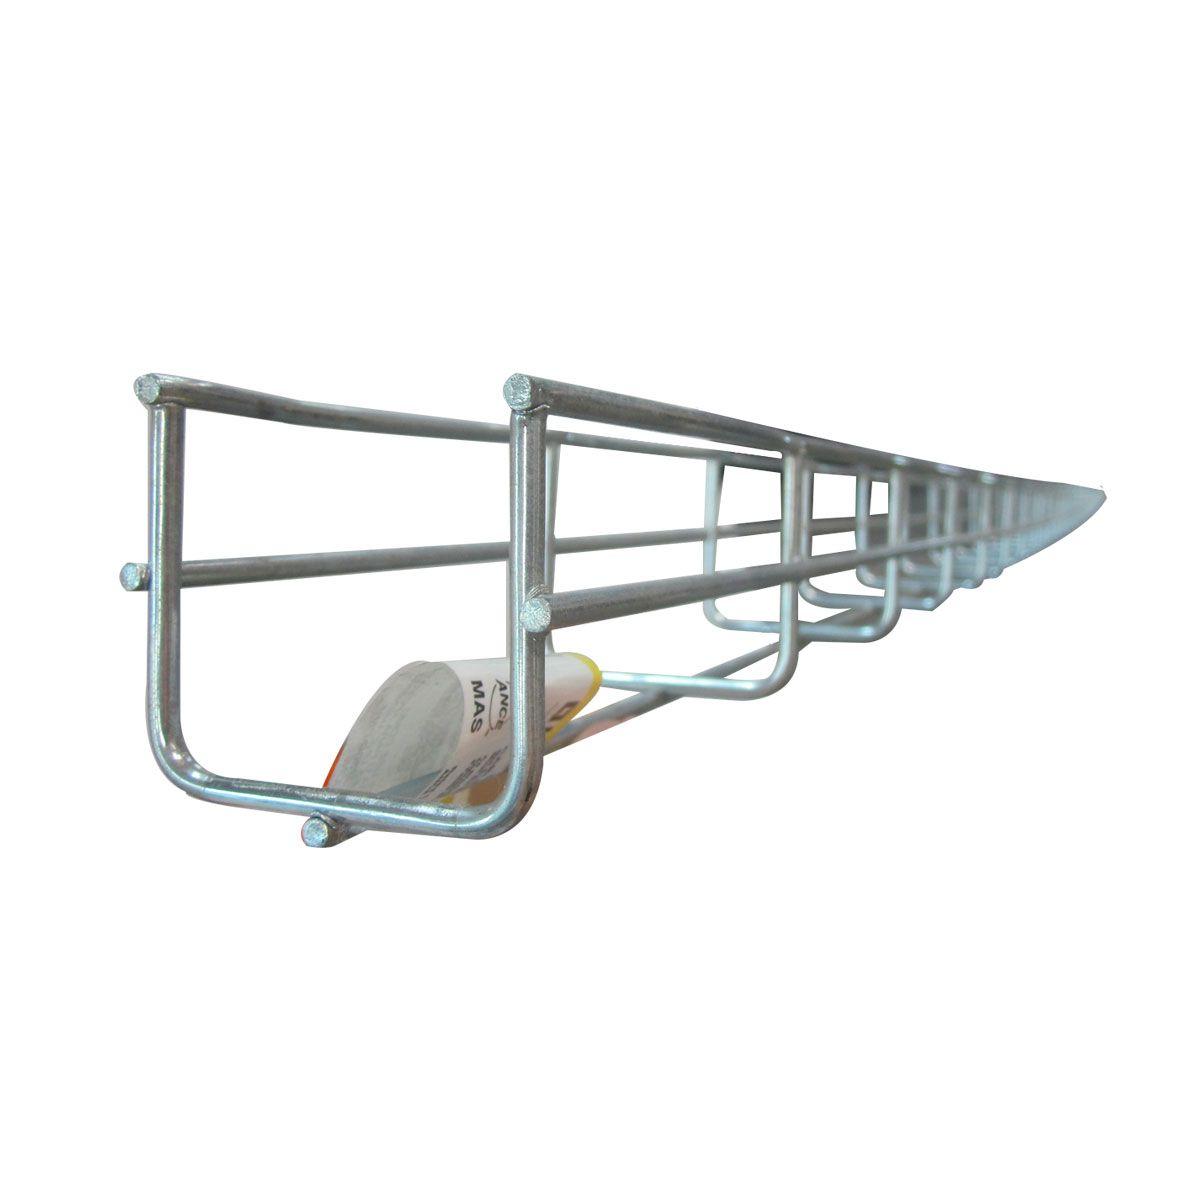 Bandeja porta cable tipo escalerilla 0.05 m x 3 m